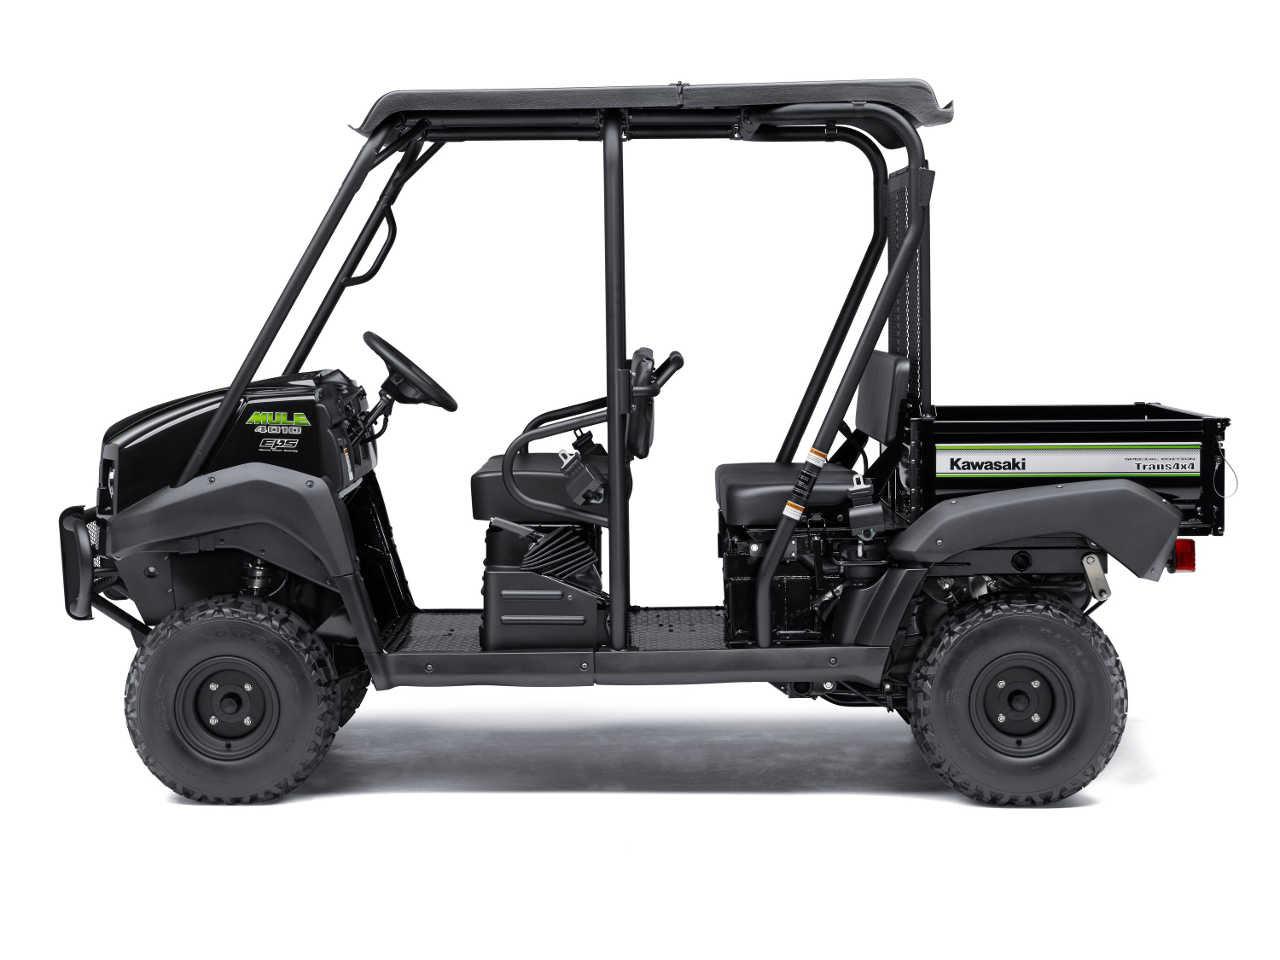 26bad 2012 Kawasaki Mule 4010 Trans4x4 Camo Wiring Diagram Wiring Library